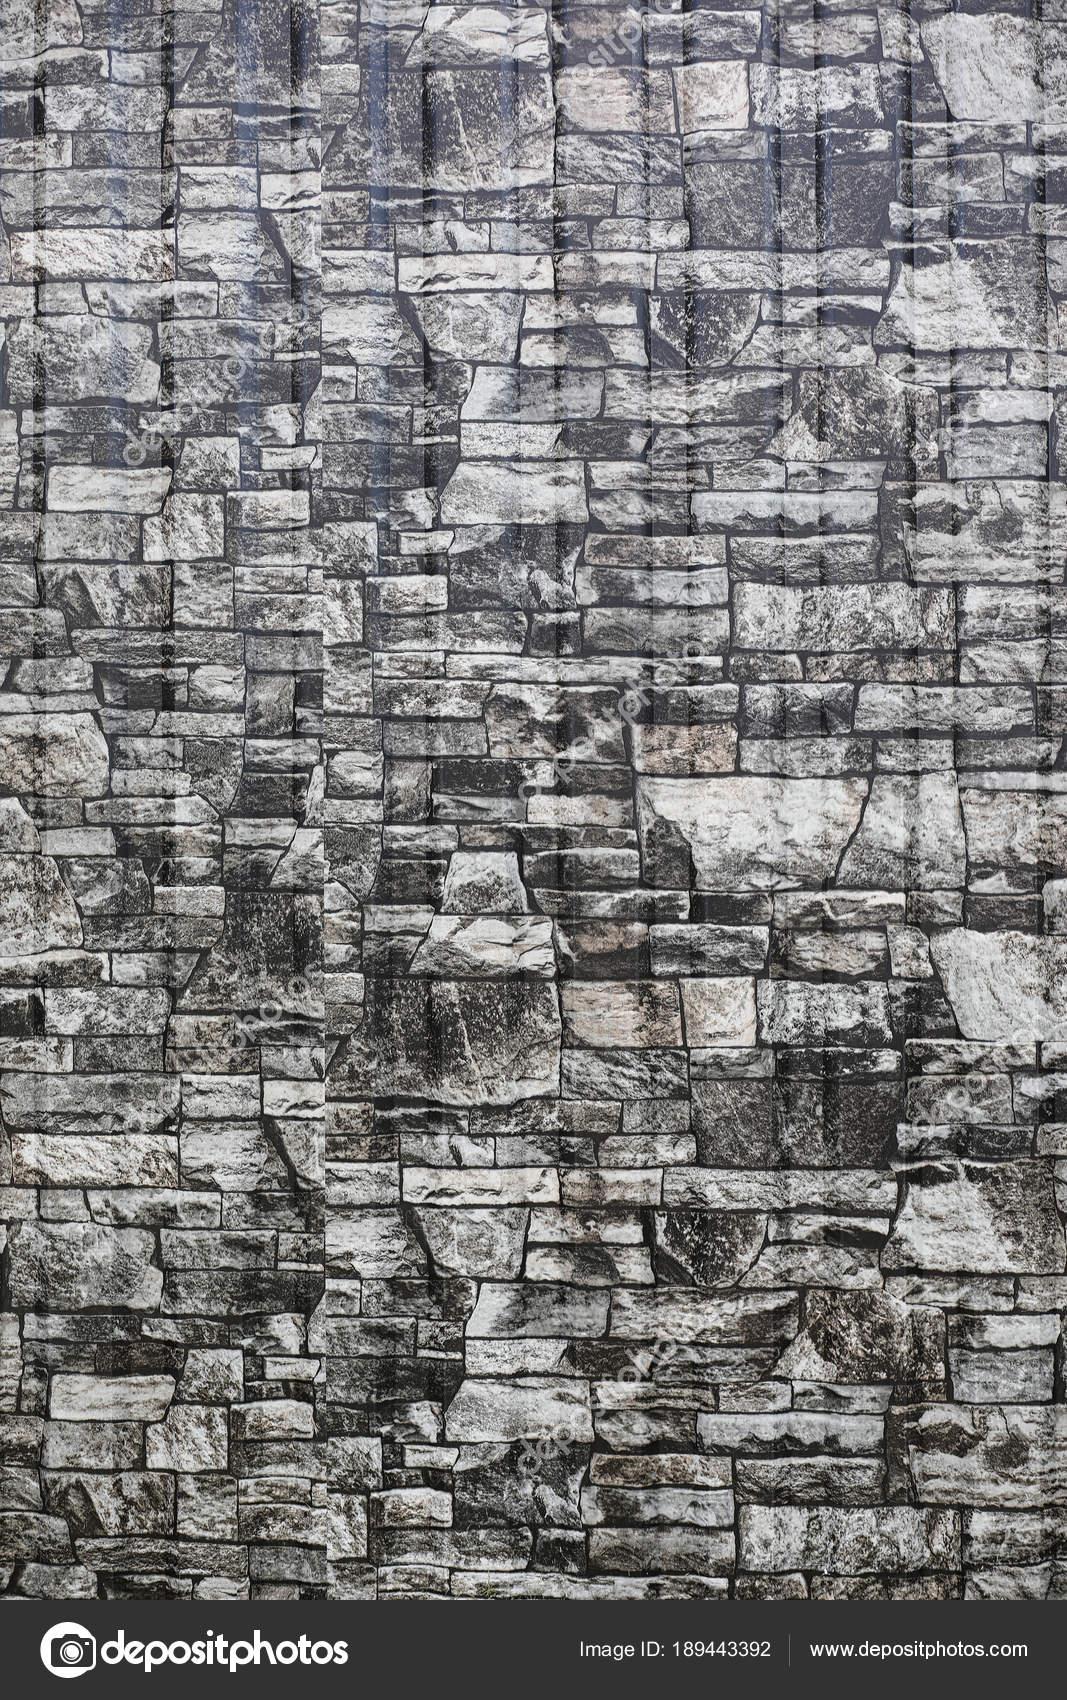 Die Textur der Steine. Strukturierte Fliesen Stein. Stein Muster auf ...